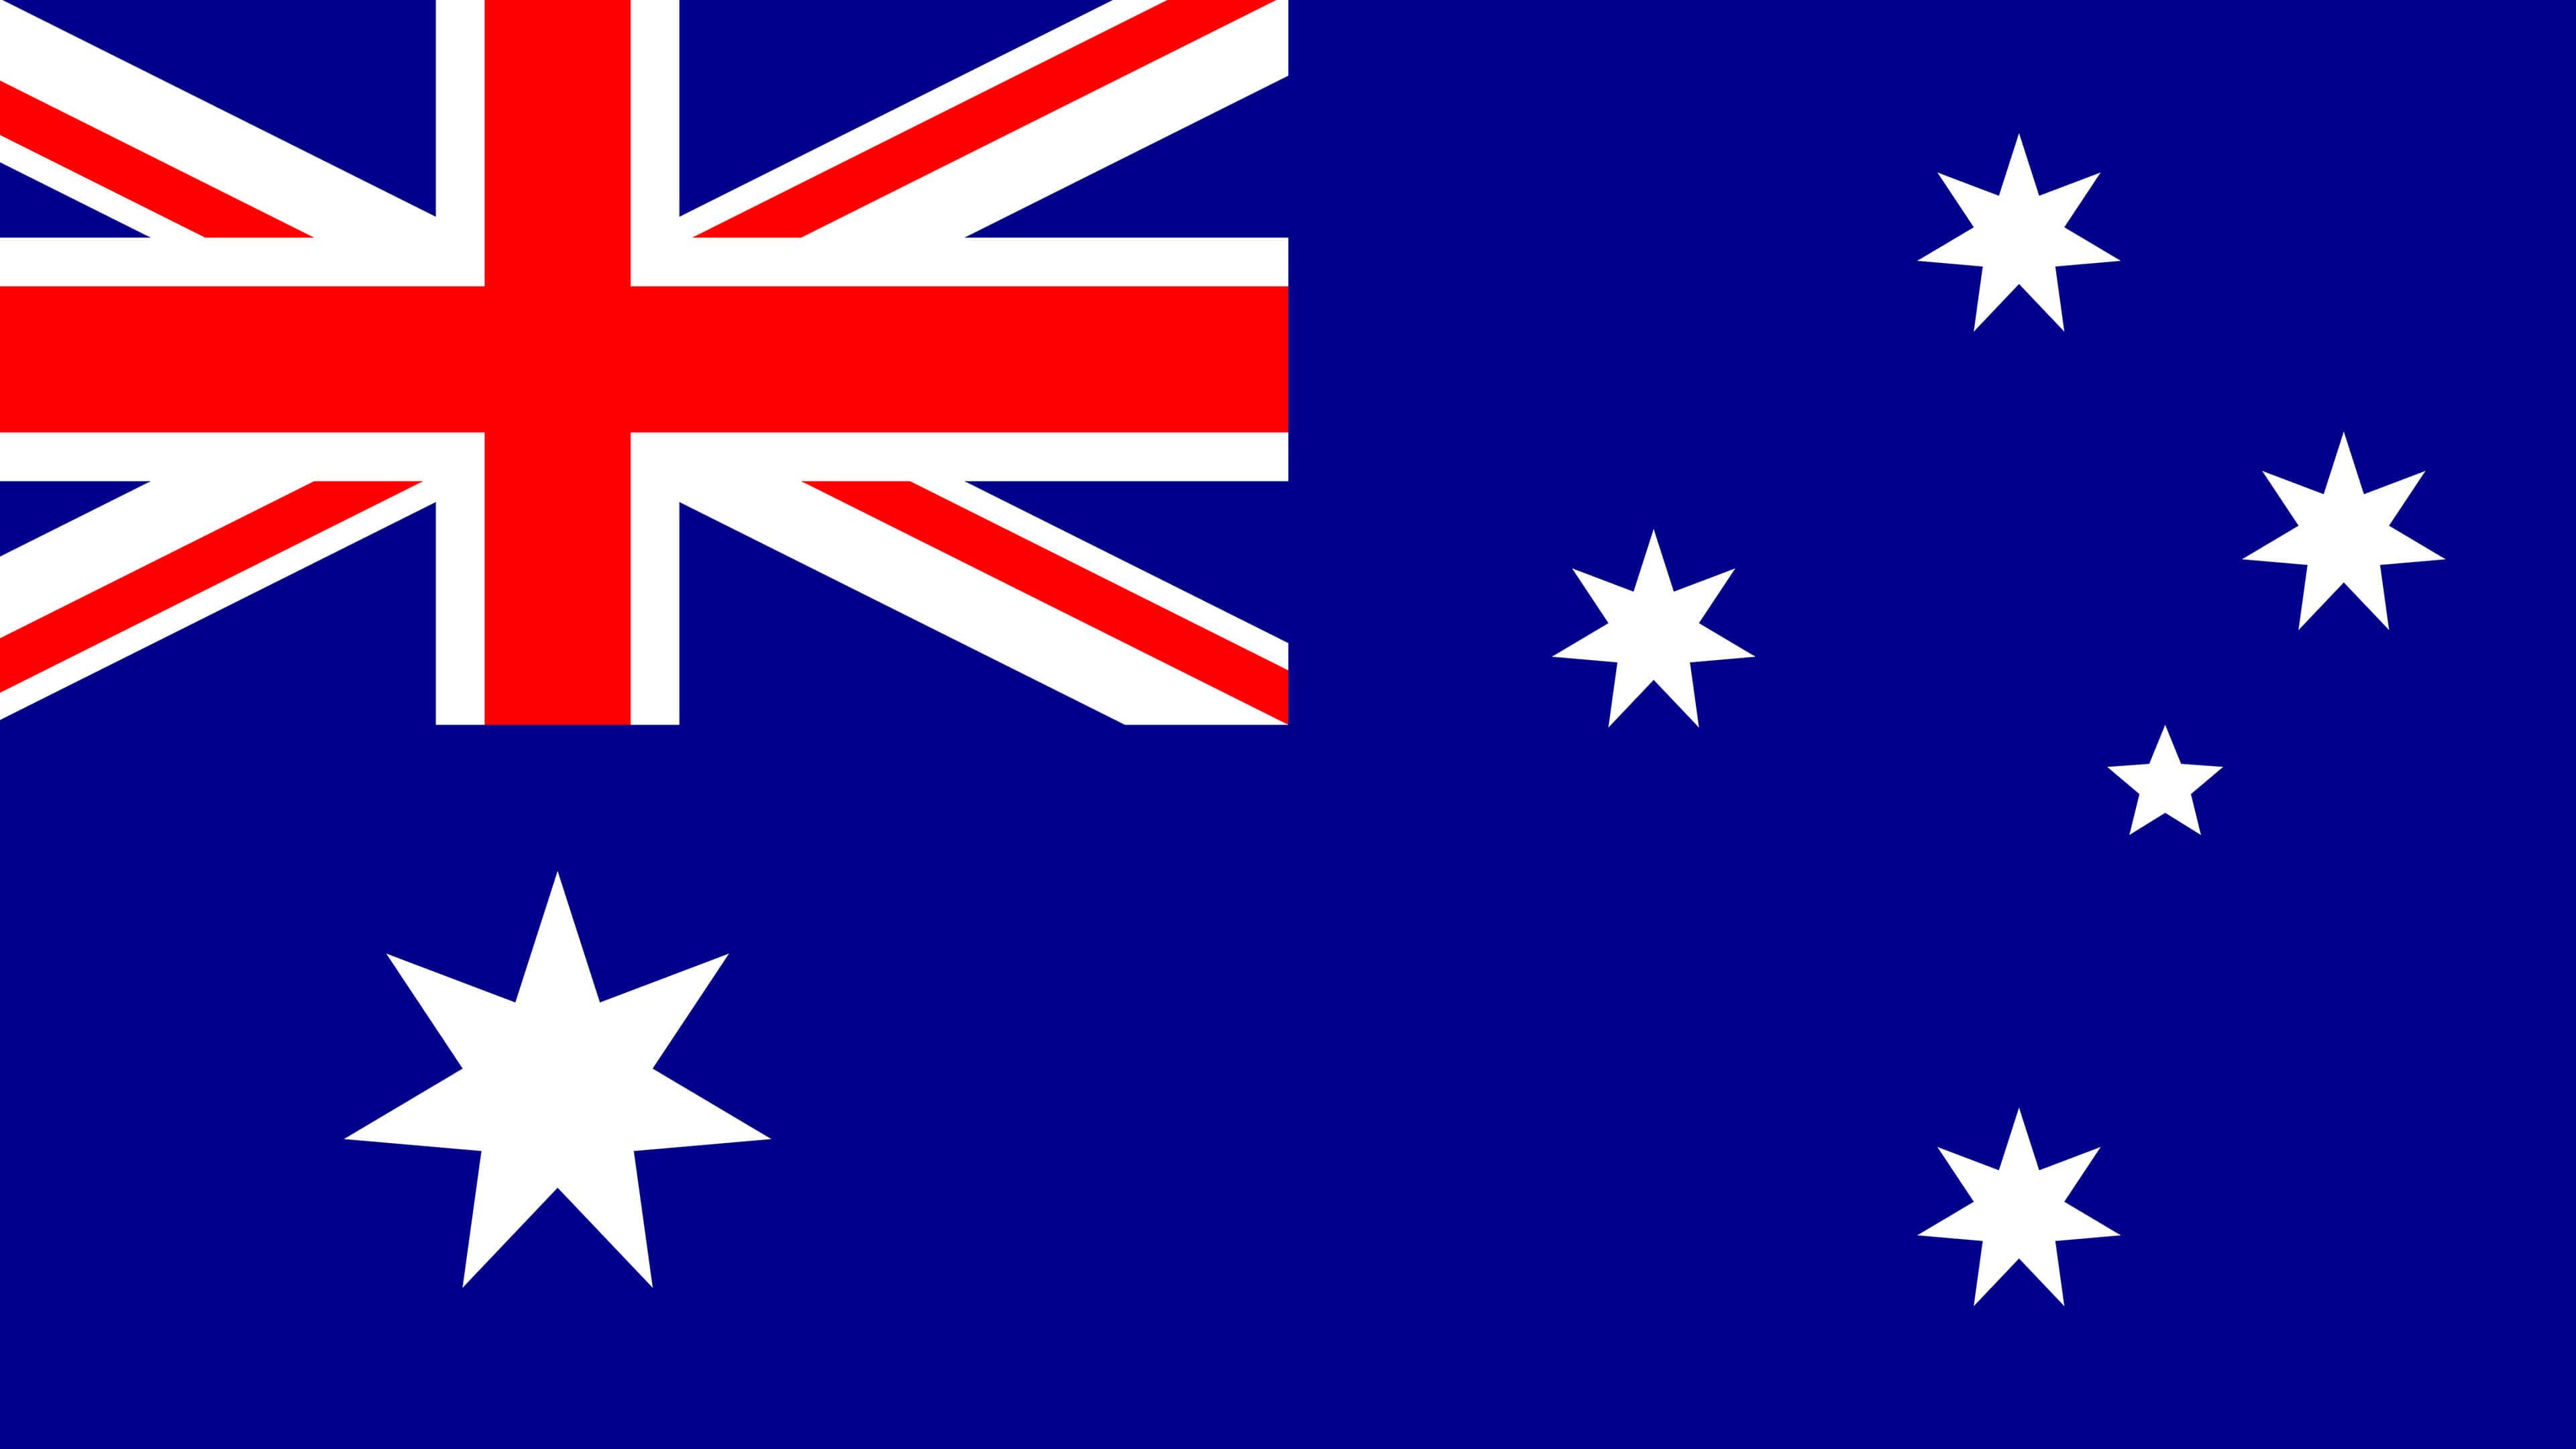 australia flag uhd 4k wallpaper